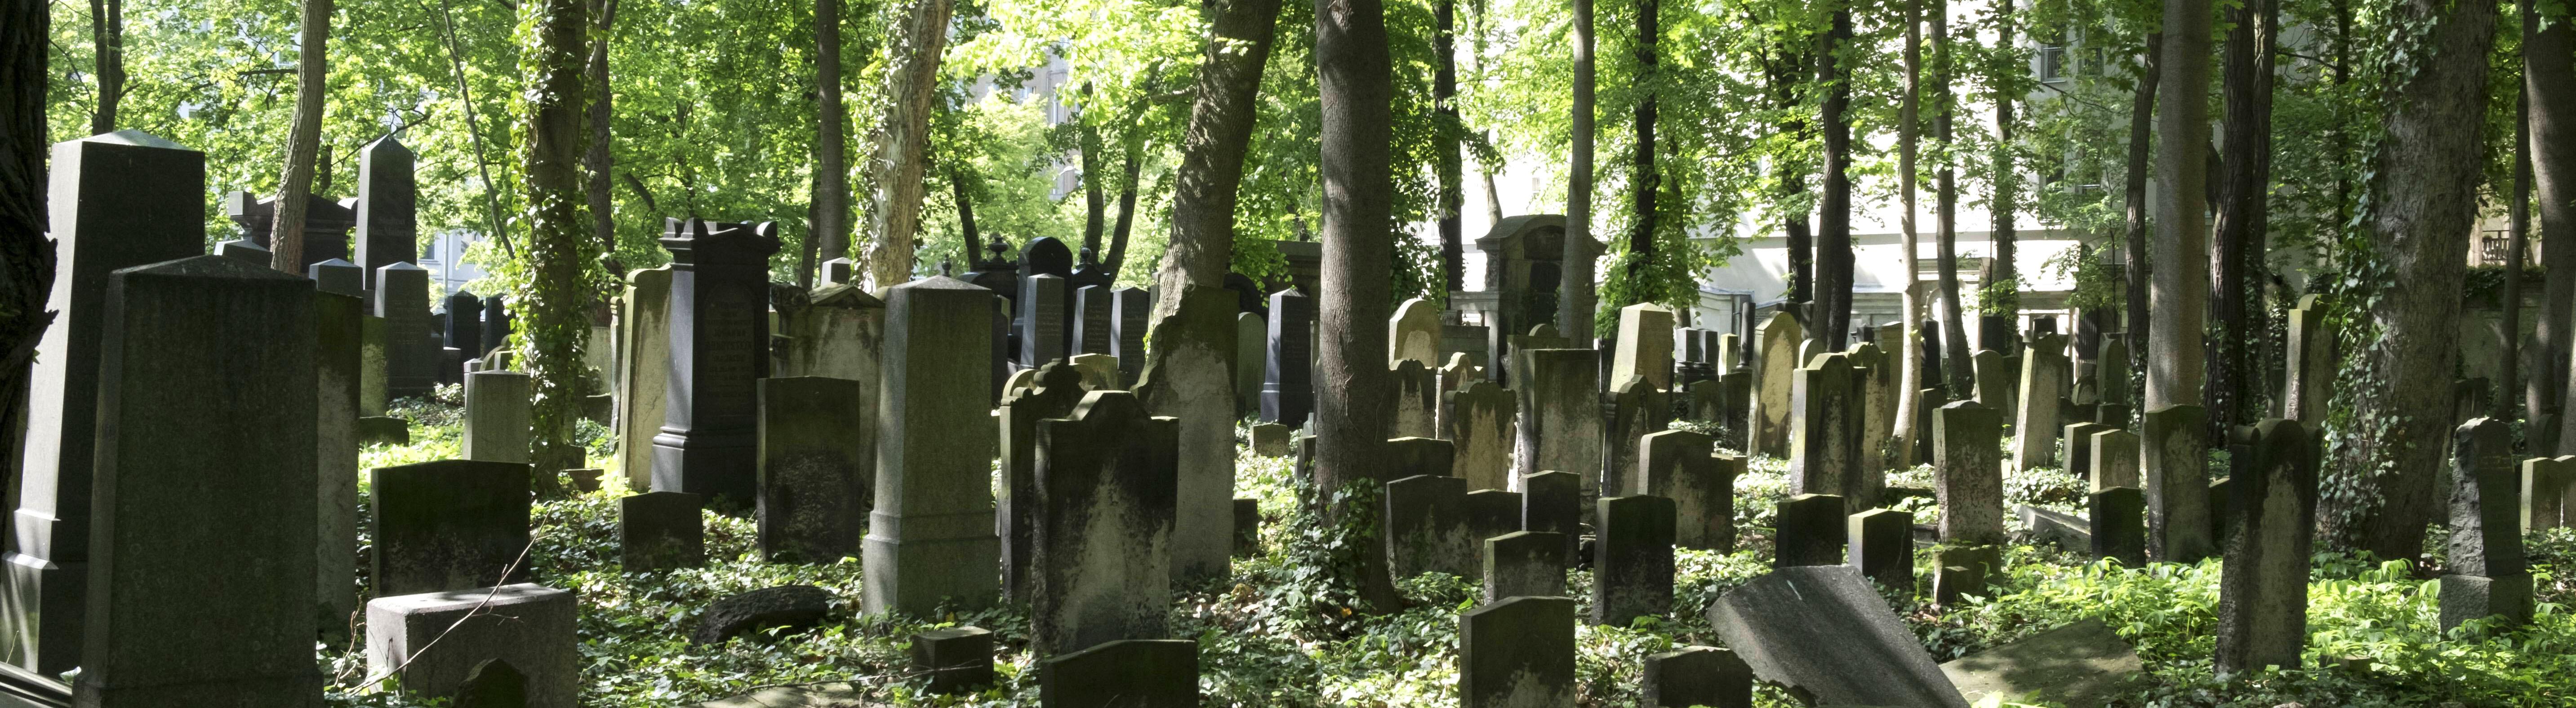 Friedhof mit verfallenen, verwilderten Gräbern